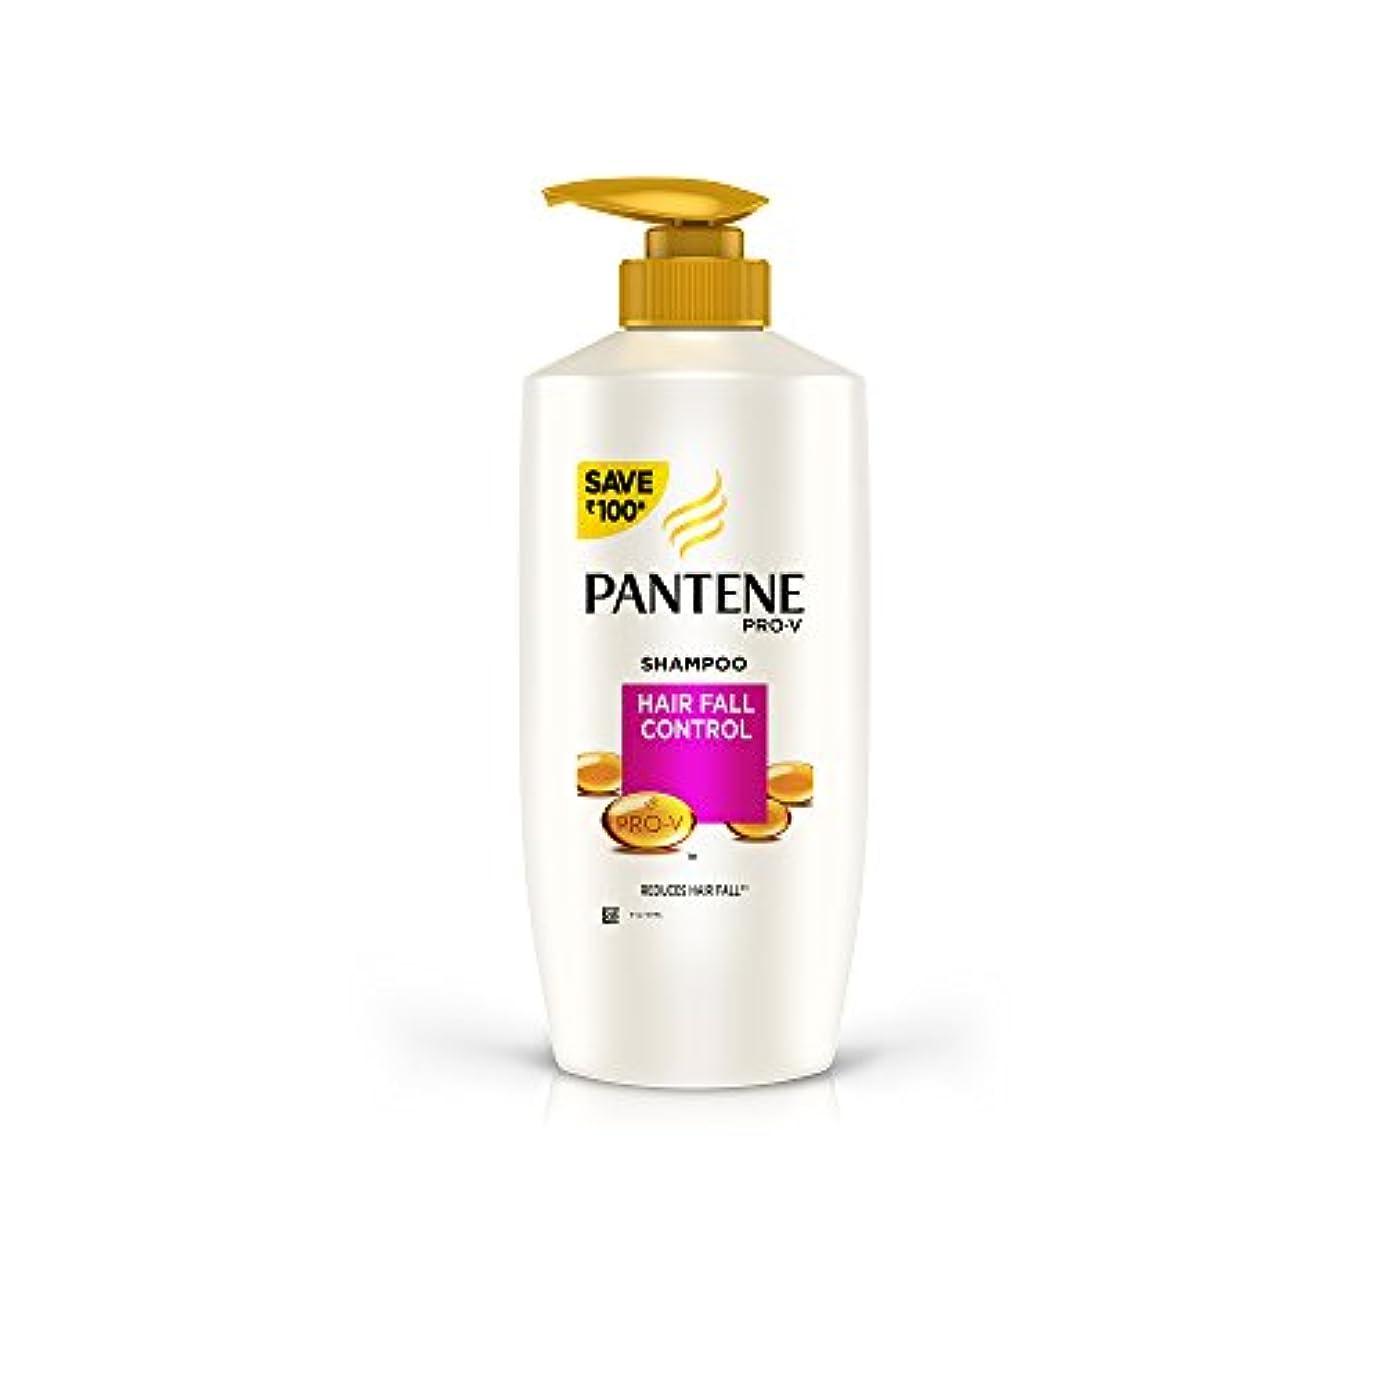 慈悲弁護士試すPANTENE Hair Fall control SHAMPOO 675 ml (PANTENEヘアフォールコントロールシャンプー675ml)